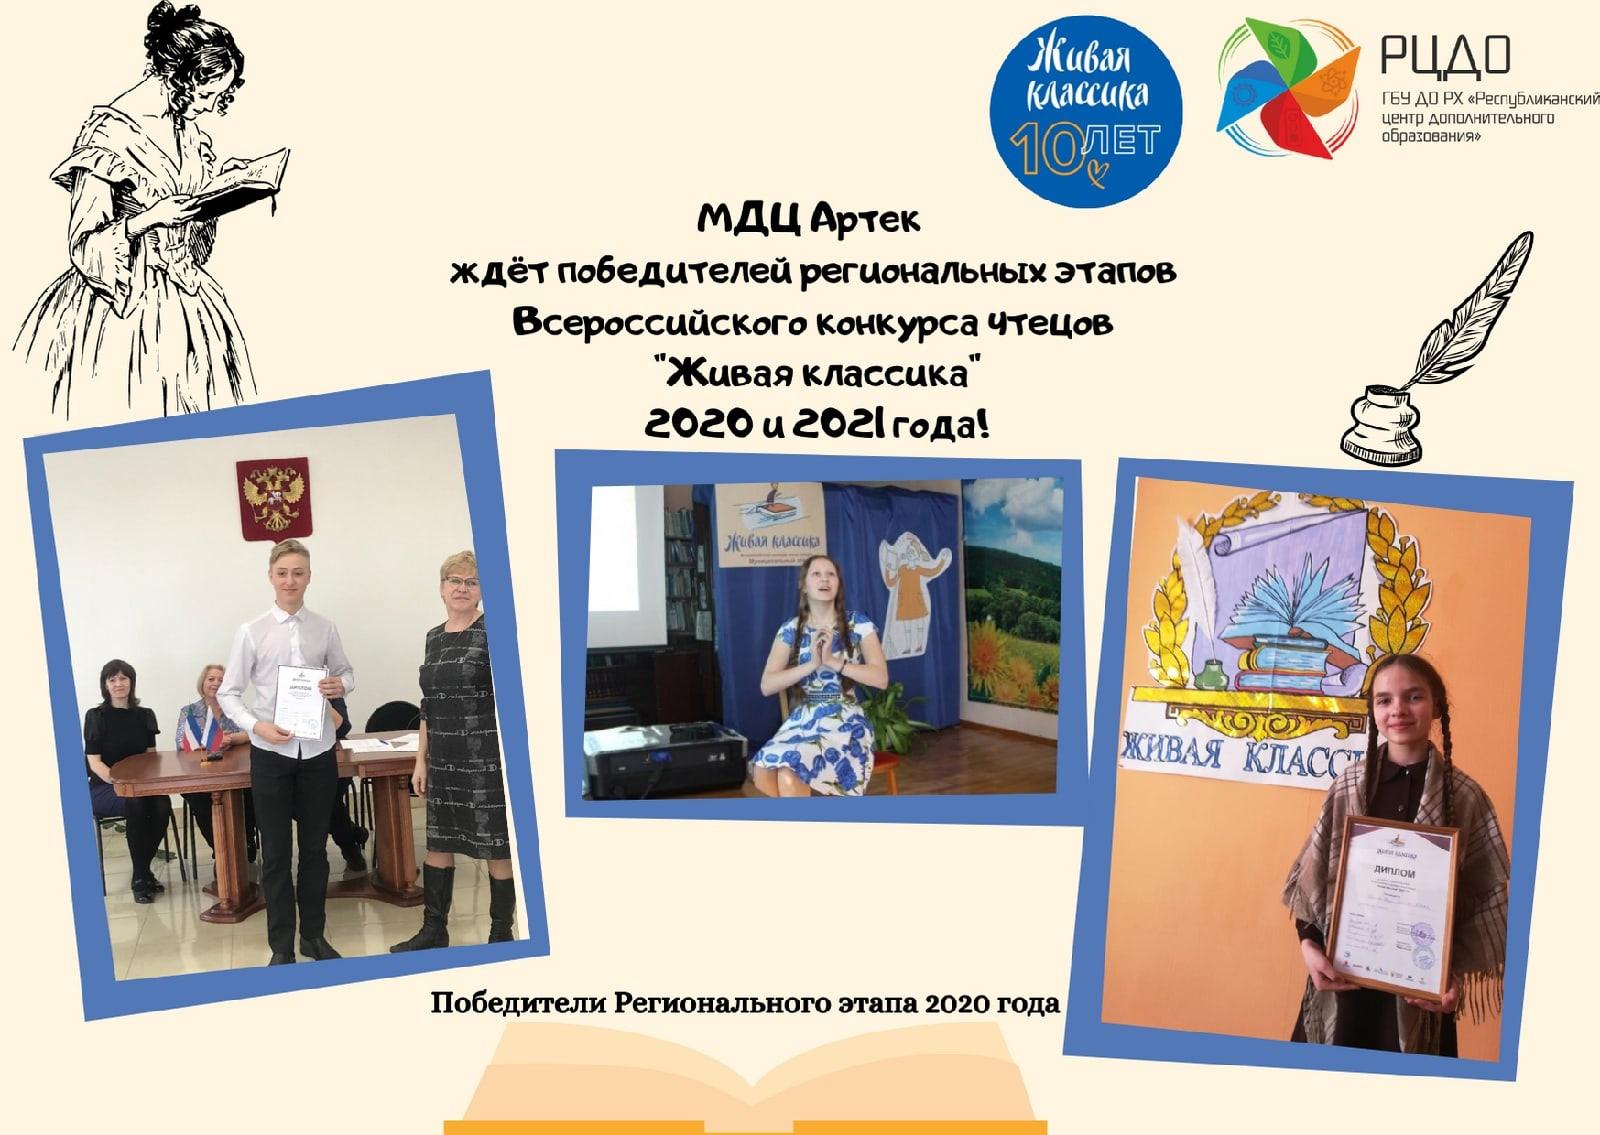 Победители регионального этапа Всероссийского конкурса чтецов